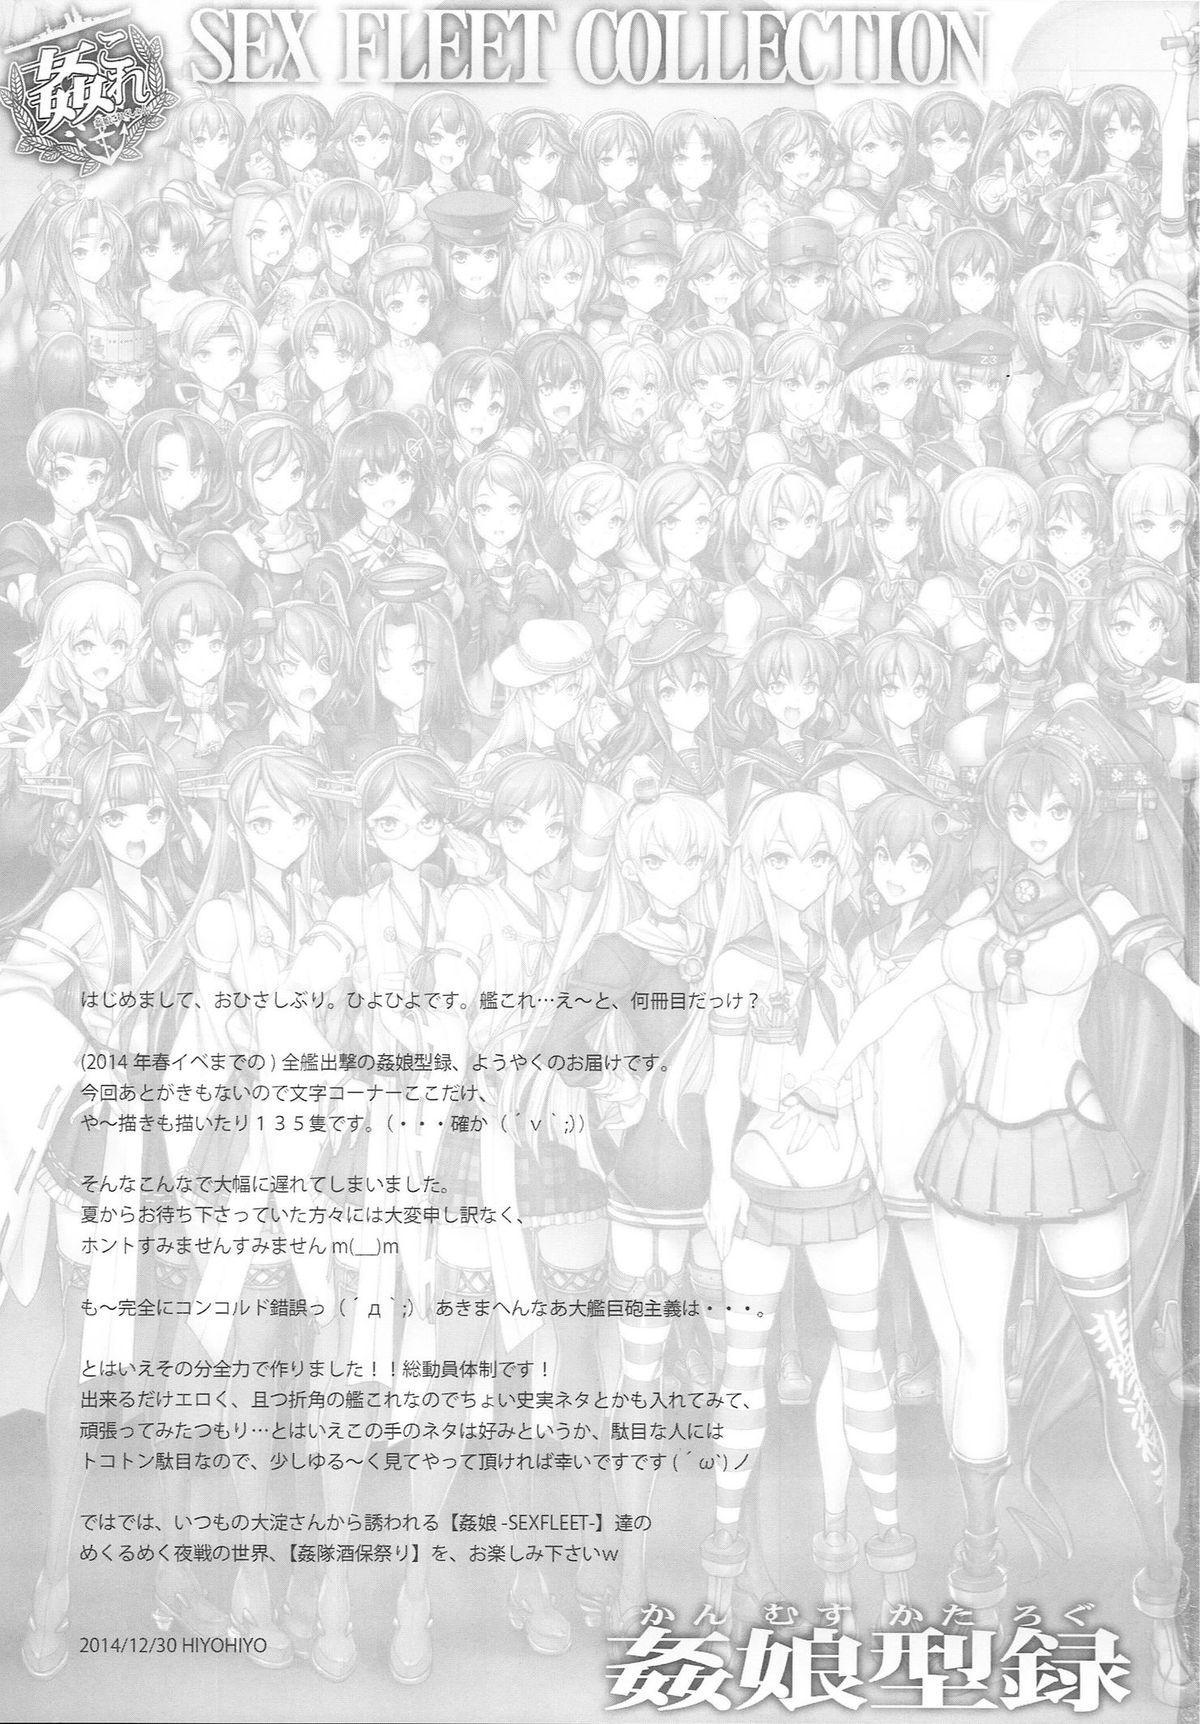 (CT25) [Kashiwa-ya (Hiyo Hiyo)] KanColle -SEX FLEET COLLECTION- Kan-musu Catalog (Kantai Collection -KanColle-) [English] [CGRascal] 1